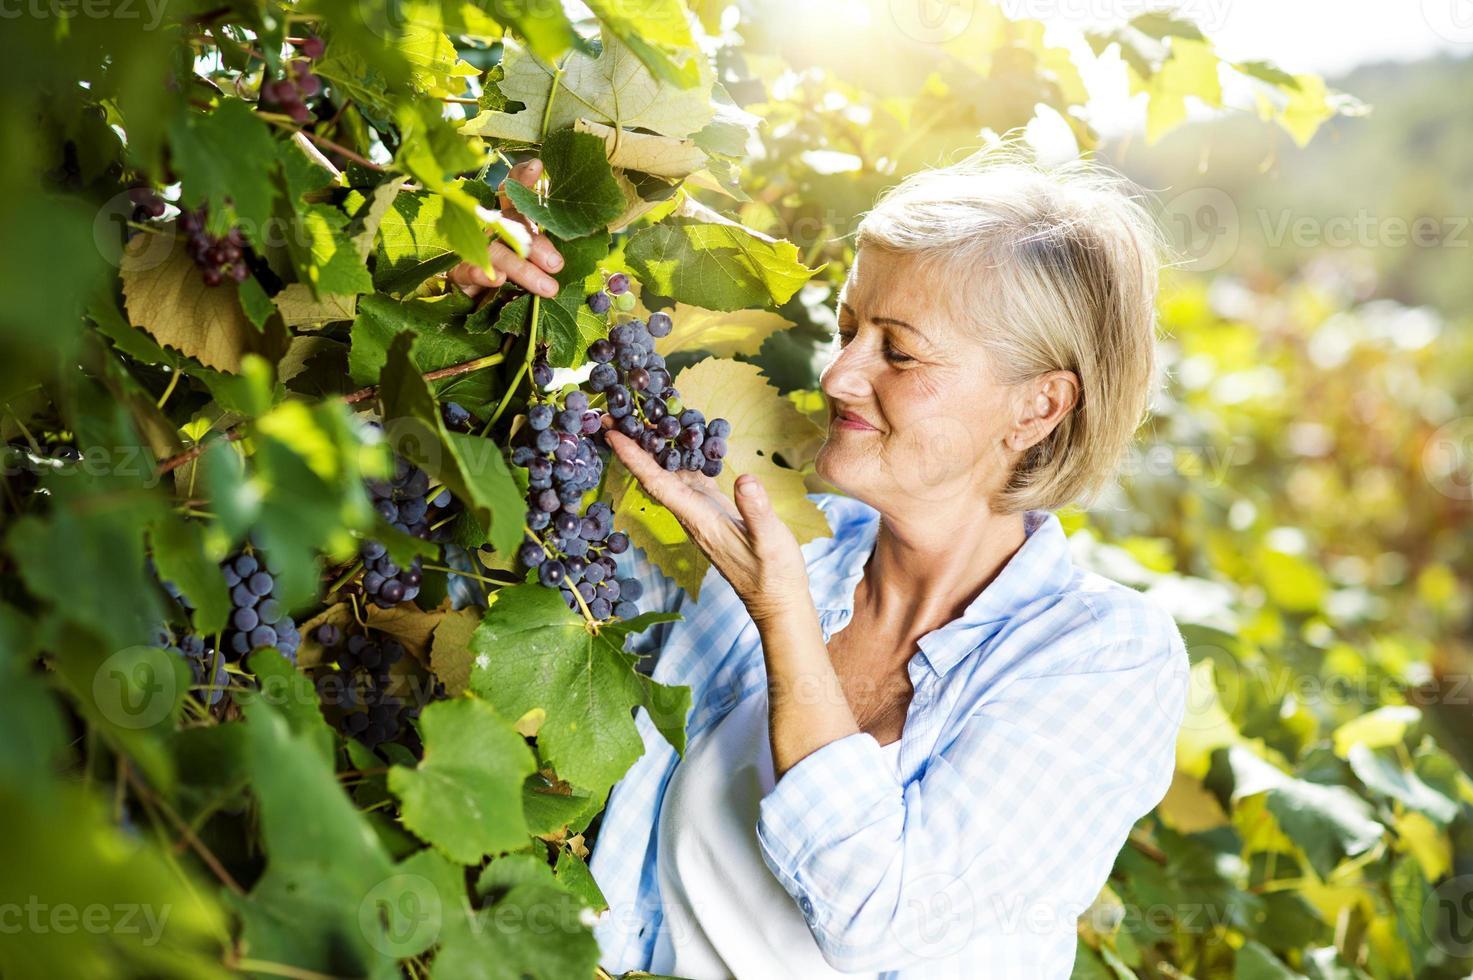 vrouw oogsten van druiven foto